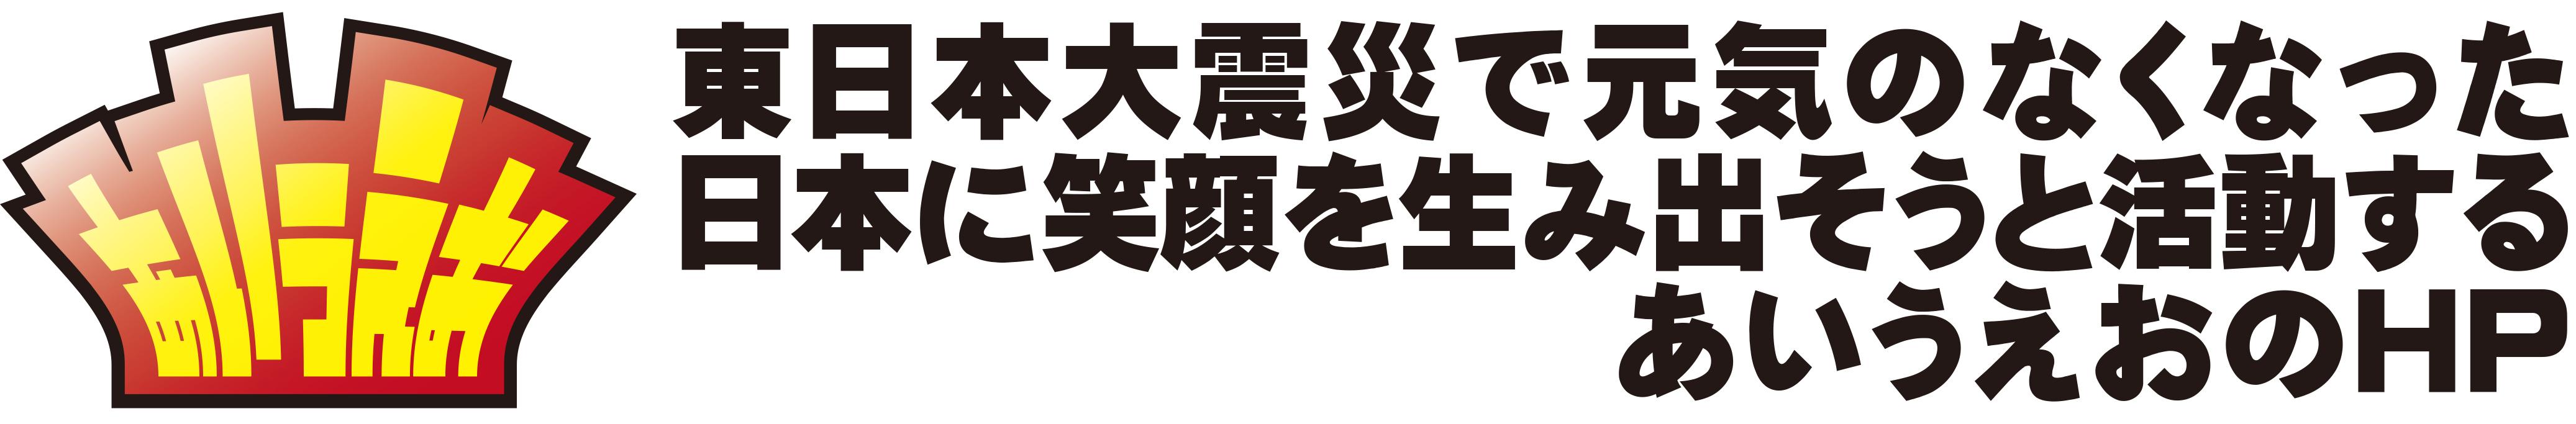 東日本大震災で元気のなくなった日本に笑顔を生み出そうと活動するあいうえおのHP